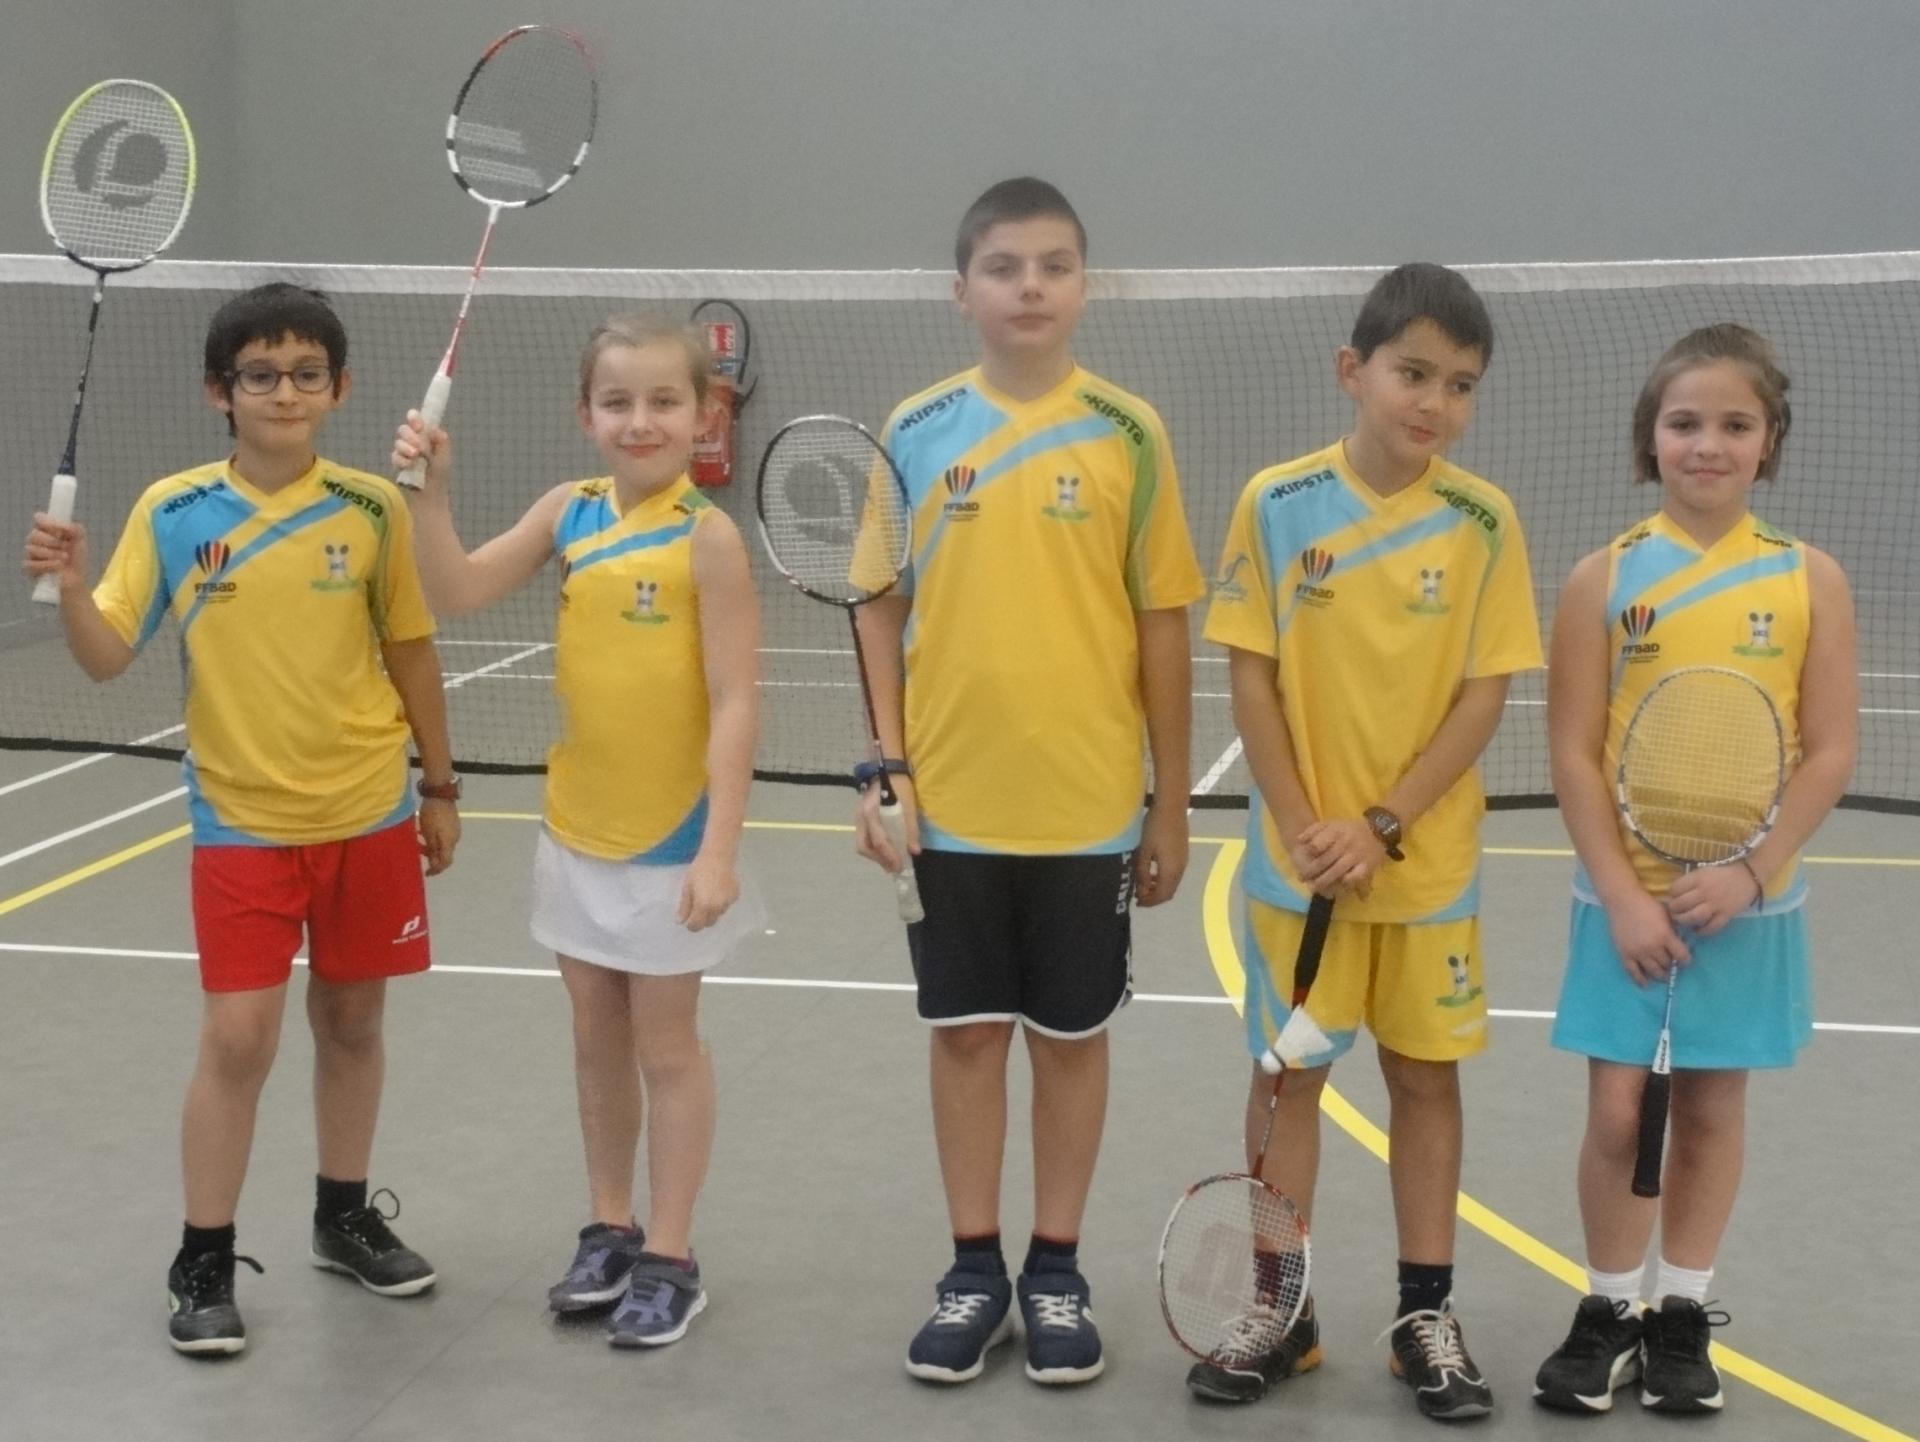 Equipe benjamins en jaune 1 copie